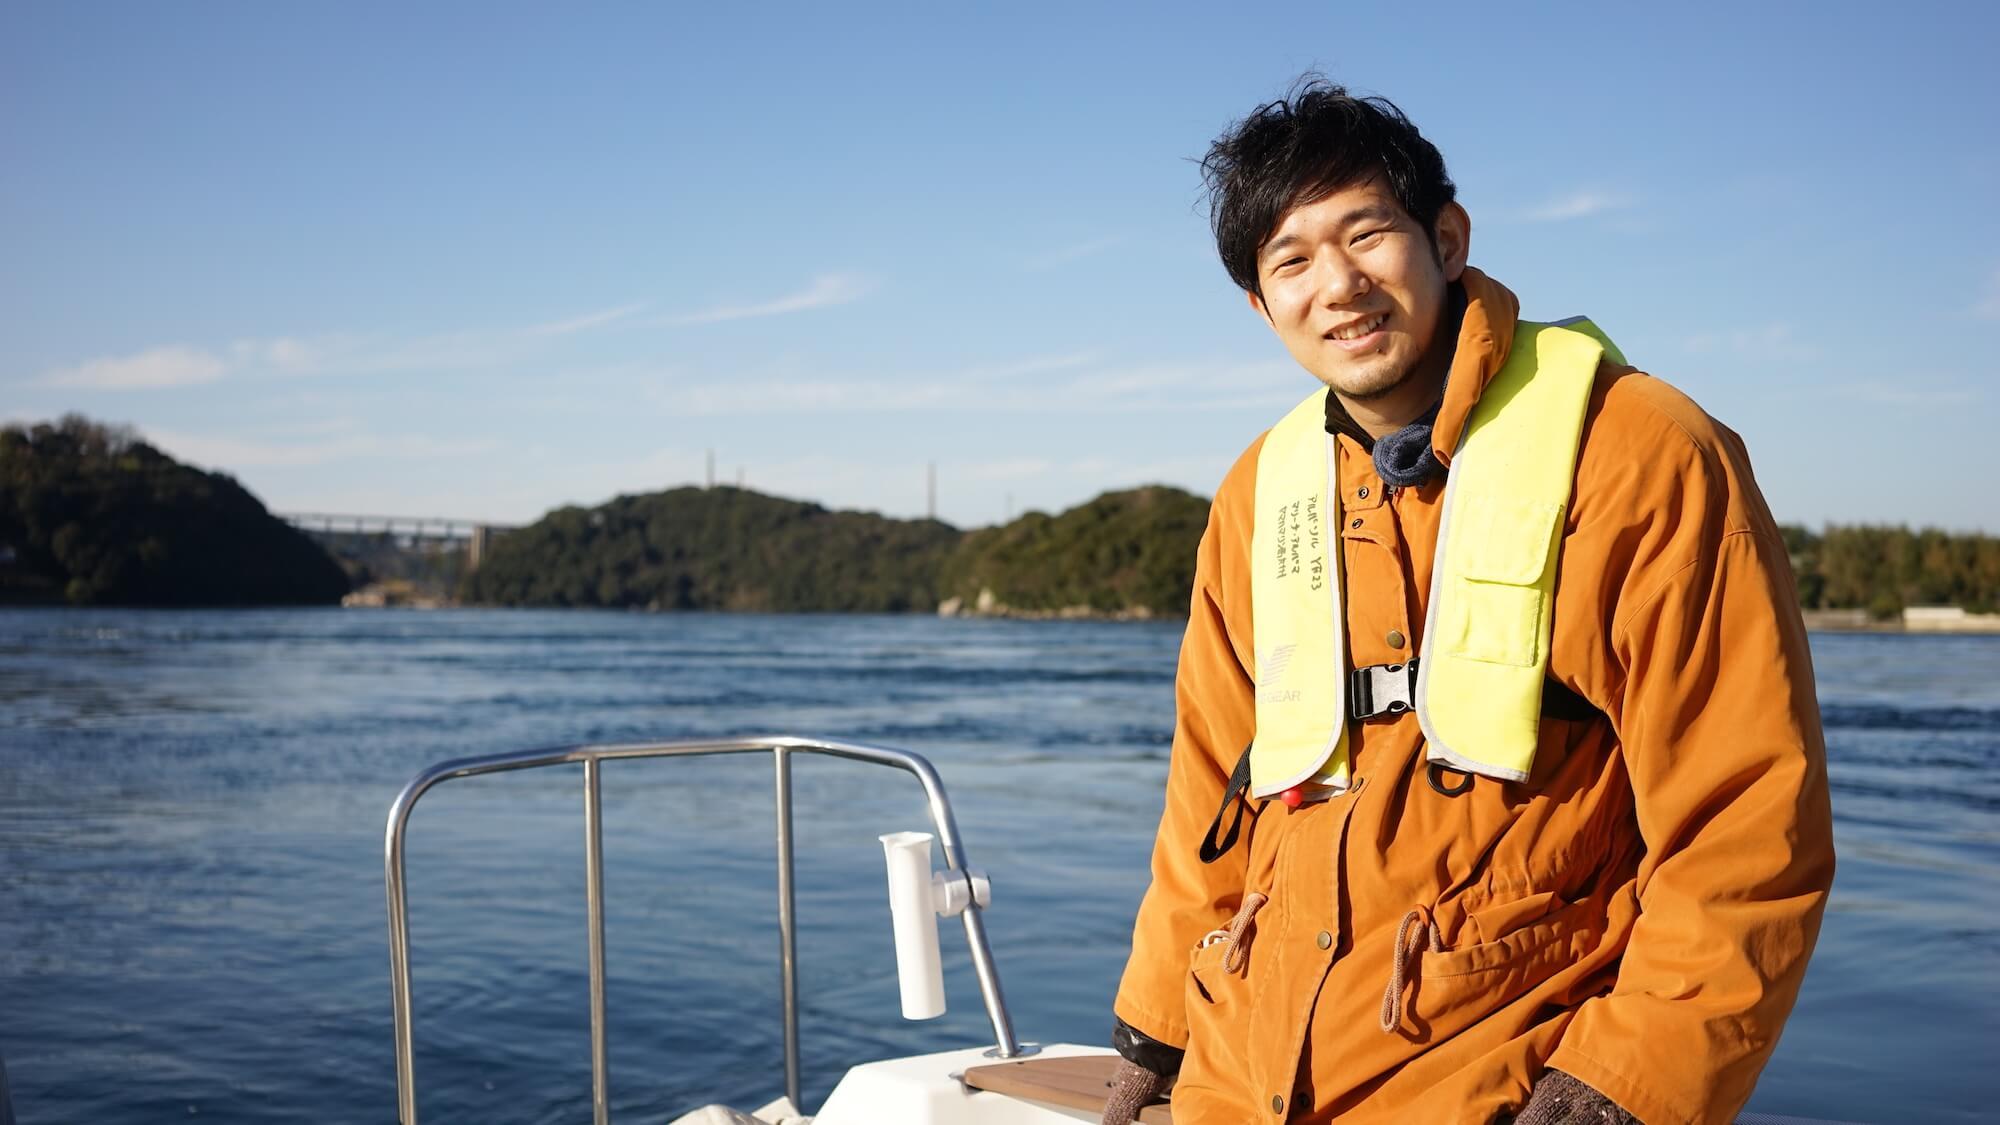 長崎・大村湾レンタルボートクルージングで西海橋・ハウステンボスなど周遊!